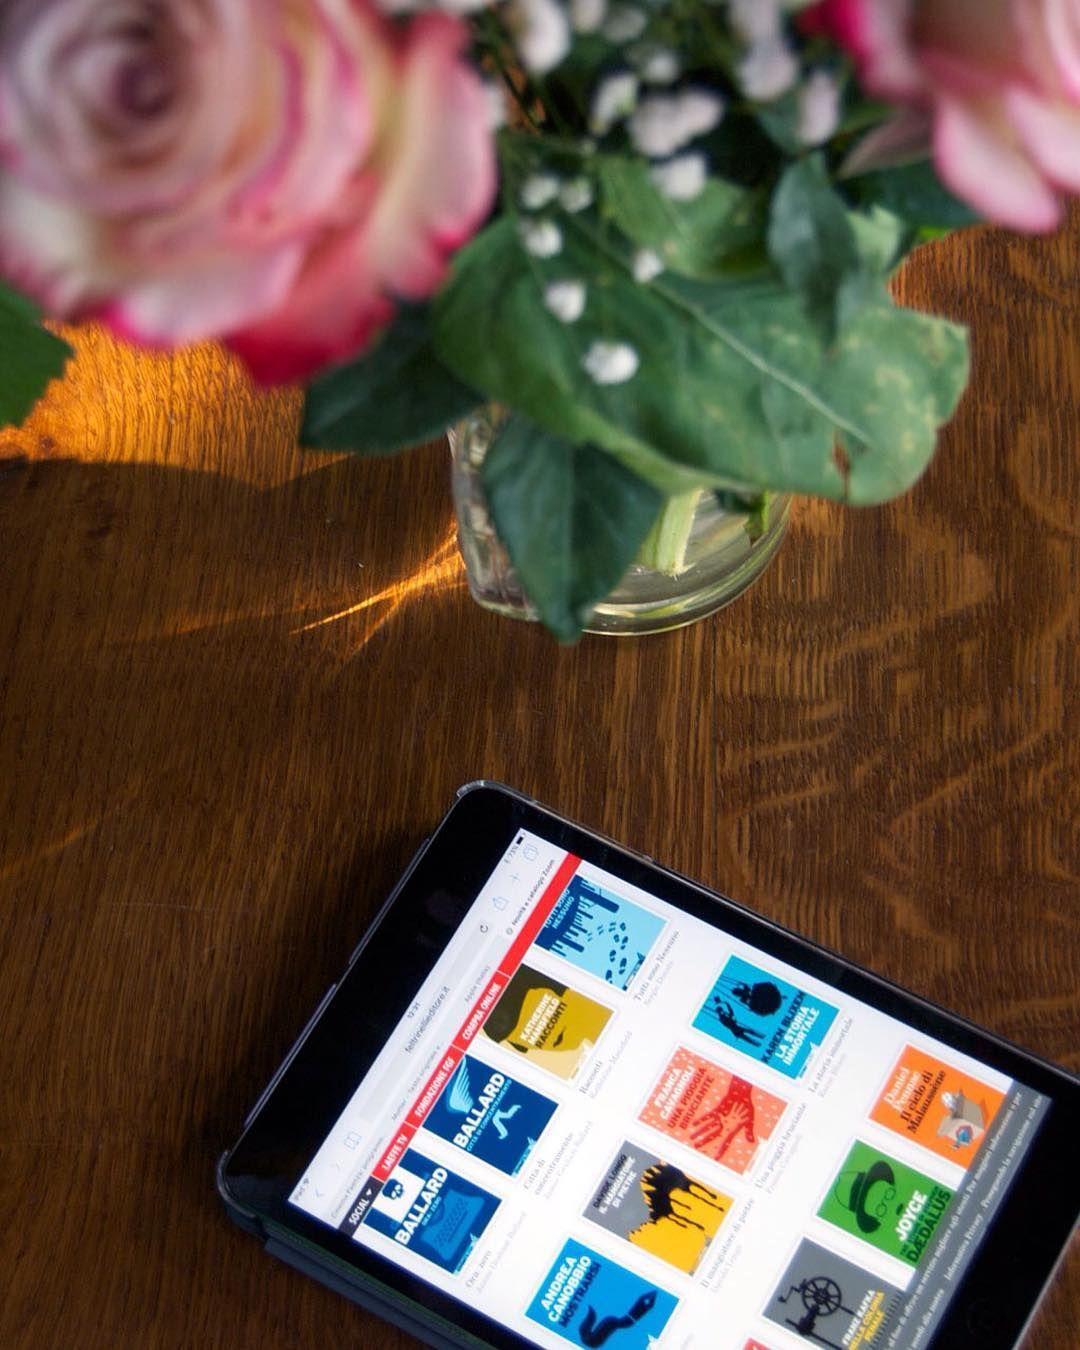 In cerca di un regalo last minute per la #festadellamamma? Un ebook è la soluzione! {http://bit.ly/regala-un-ebook  link in bio} . . . . #libri #instabook #leggere #lettura #alwaysreading #narrativa #leggere #libro #libri #book #books #read #reading #instareader #bookstagram #booklover #ebook #ebooks #ereader #ebooklover #ebookstagram #ebooklove #ebookreader #ebookworm